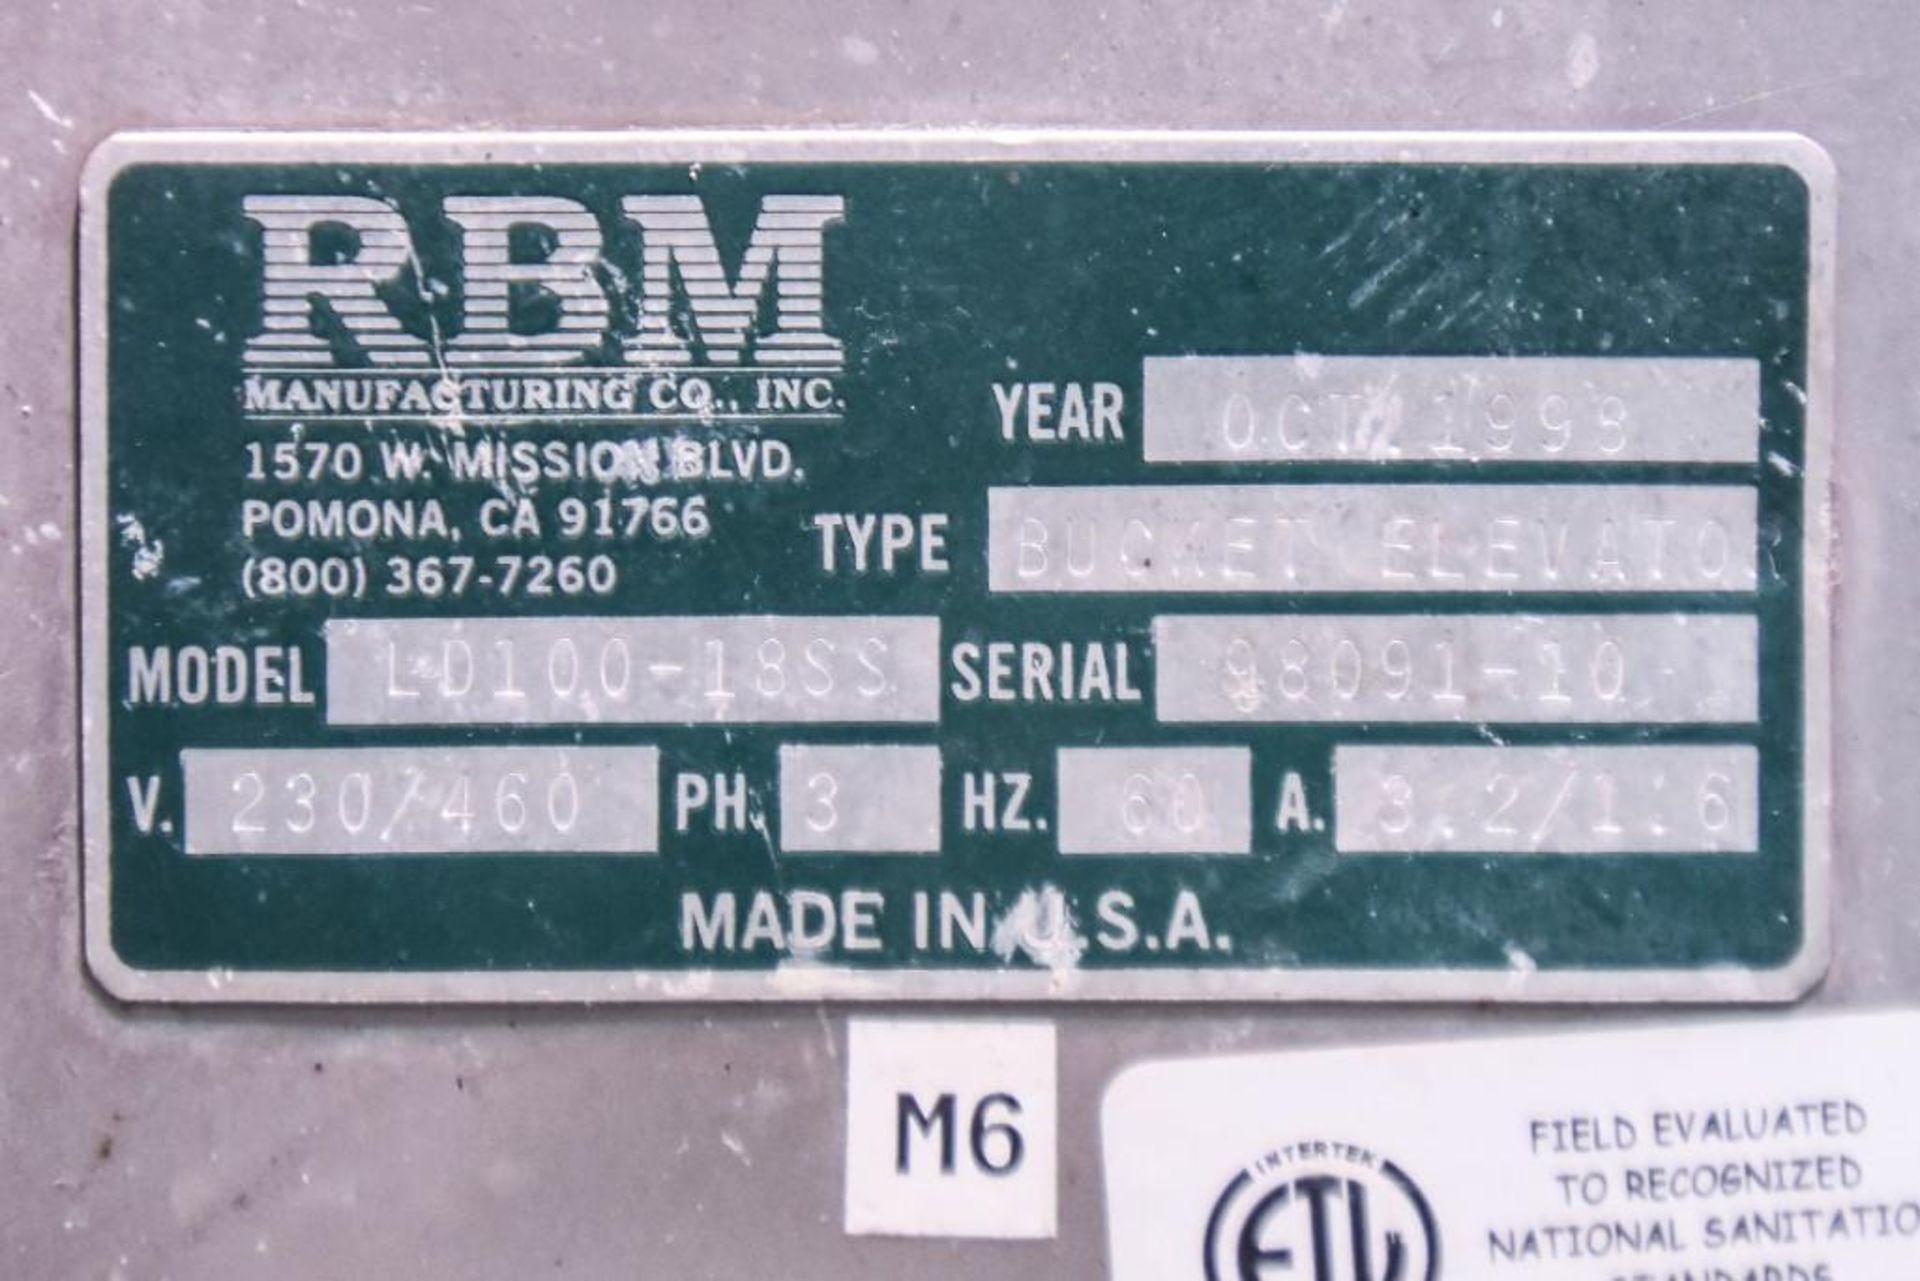 RBM Bucket Elevator LD100-18SS - Image 6 of 6